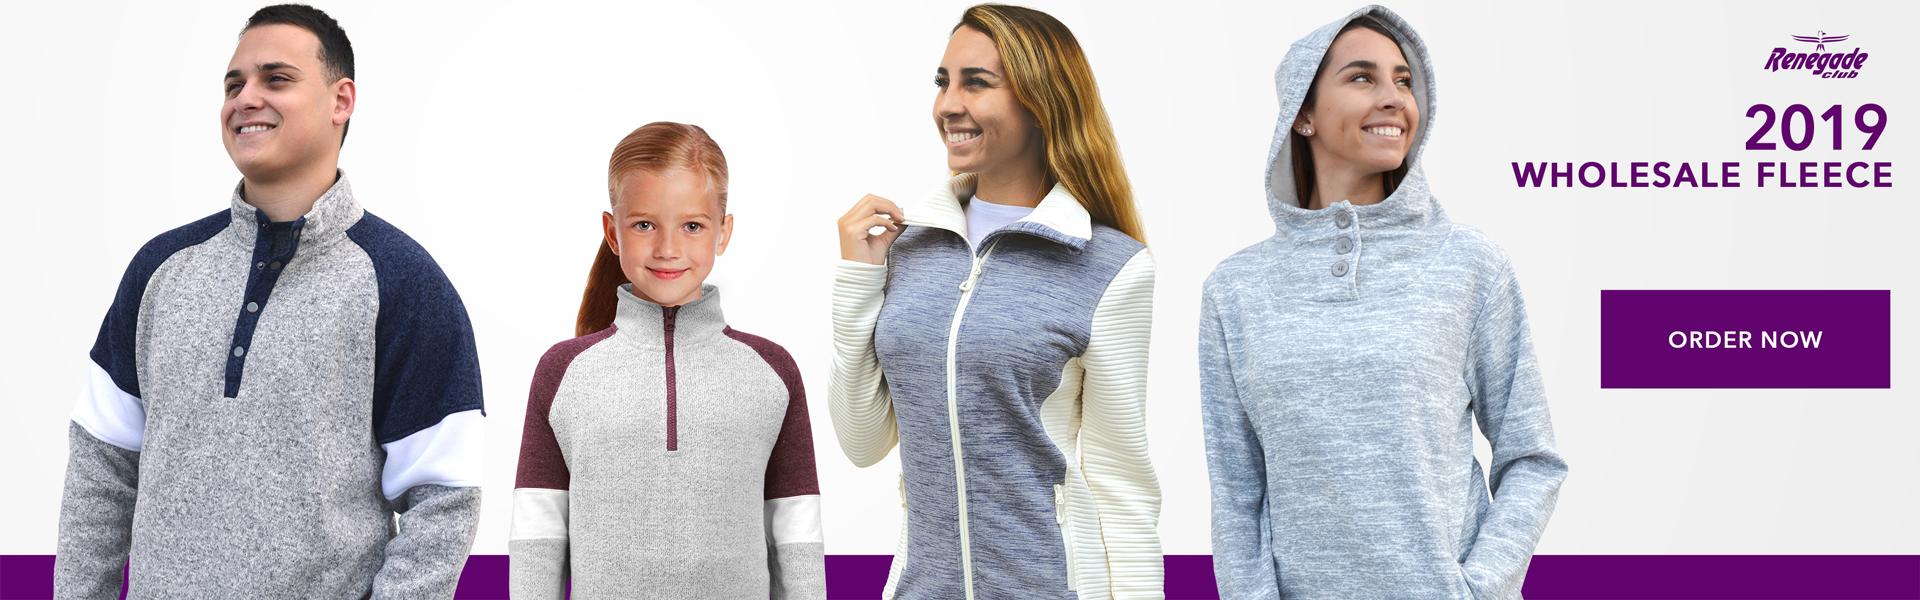 renegade club 2019 wholesale fleece line, women, men, hoodies, fleece jackets, kids, order now, gray